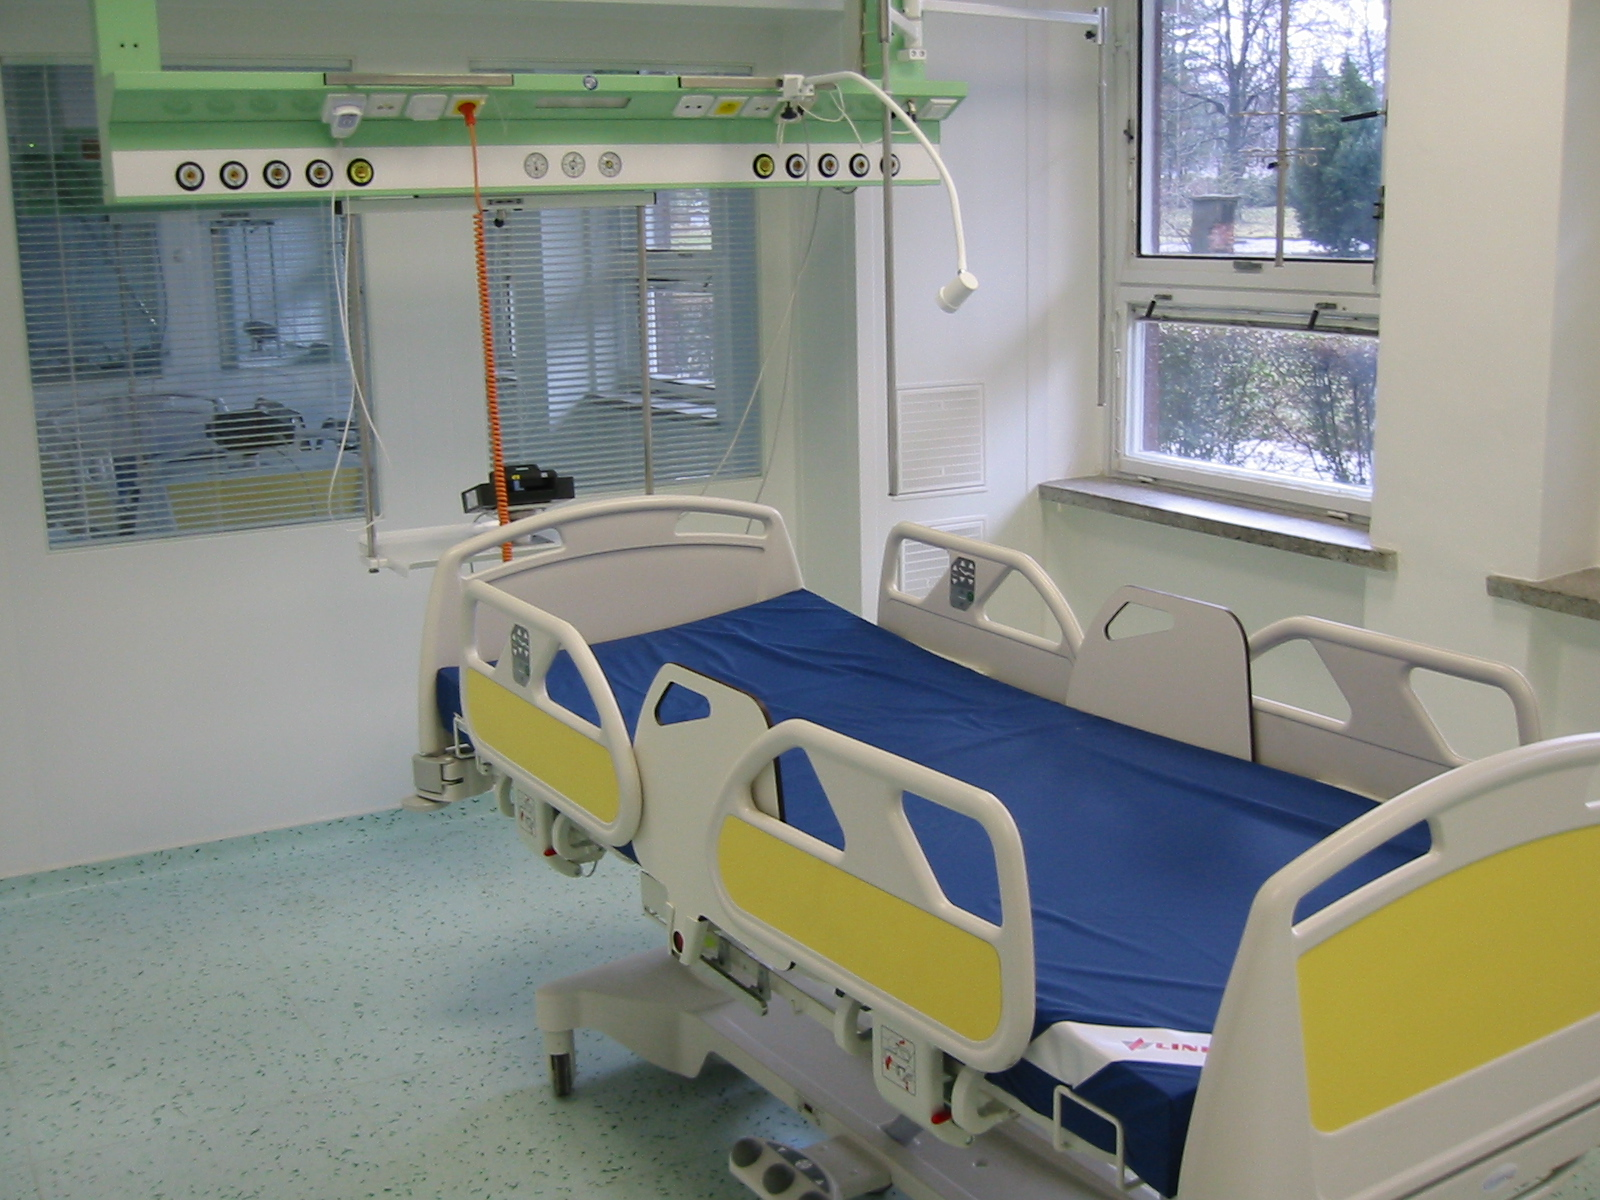 kontrola i ustawienie instalacji medycznej